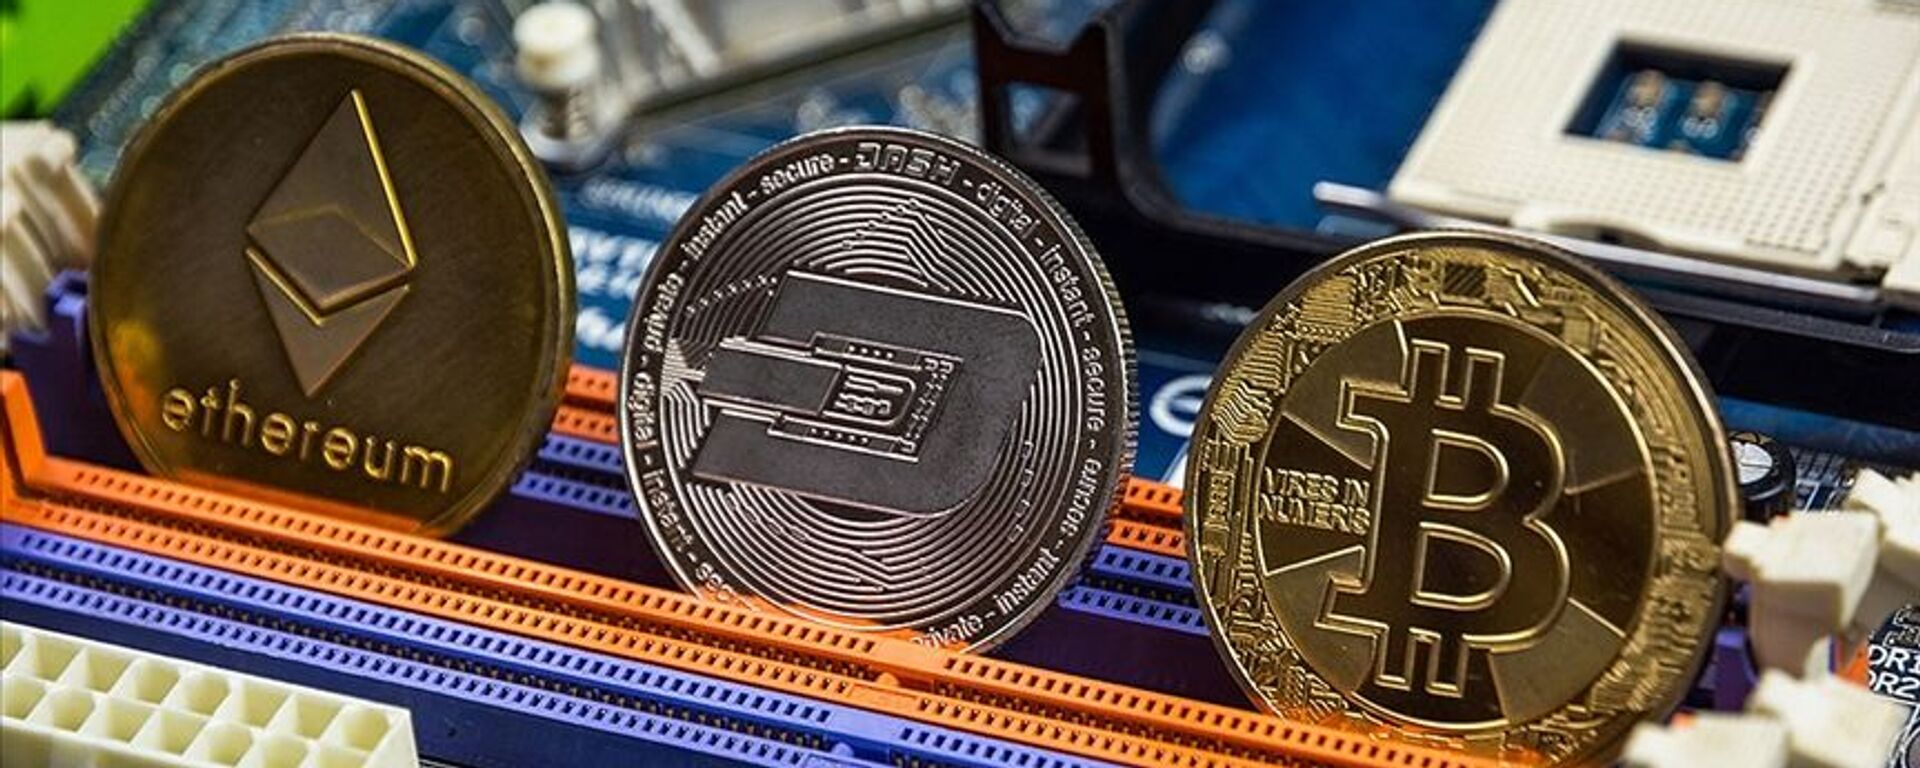 kripto para, Bitcoin, Ethereum - Sputnik Türkiye, 1920, 18.06.2021